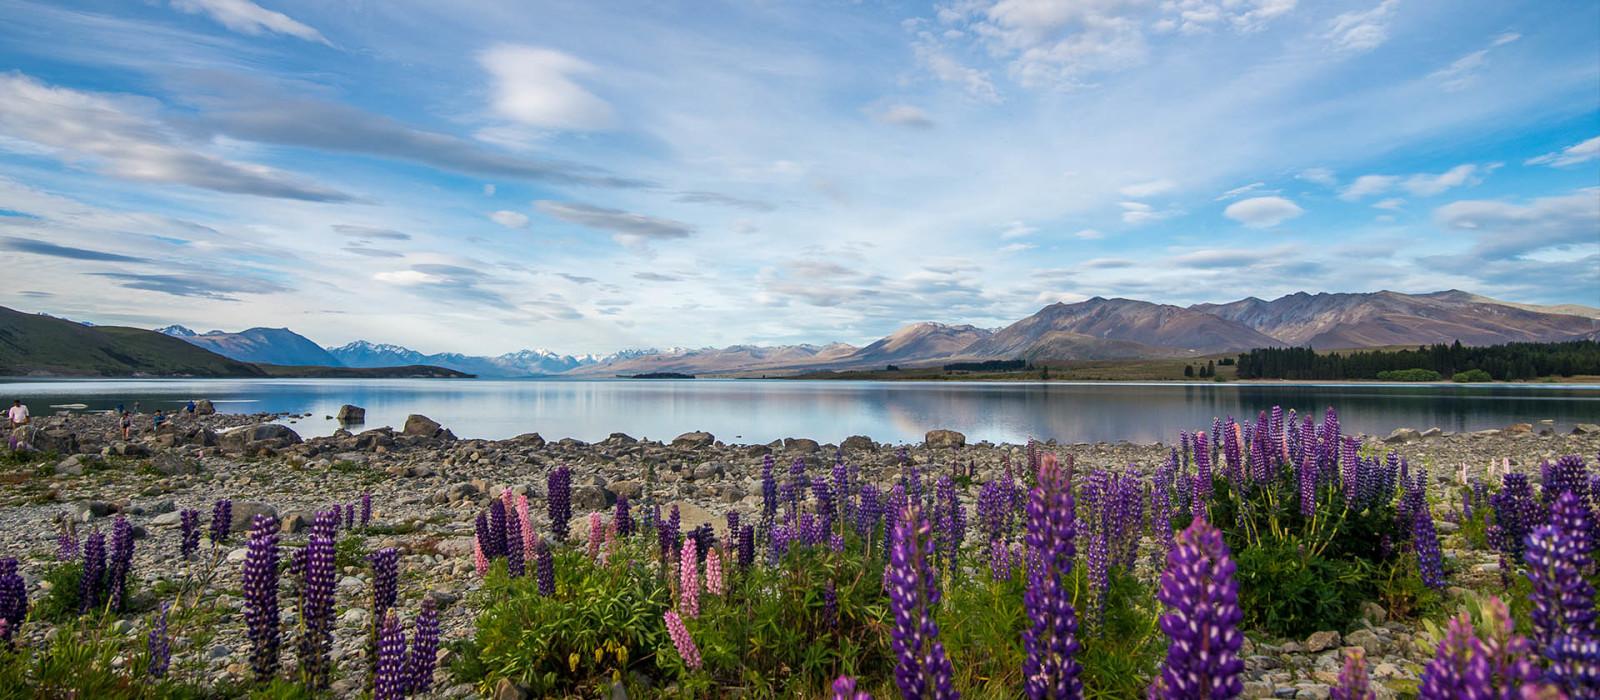 Reiseziel Tekapo Neuseeland